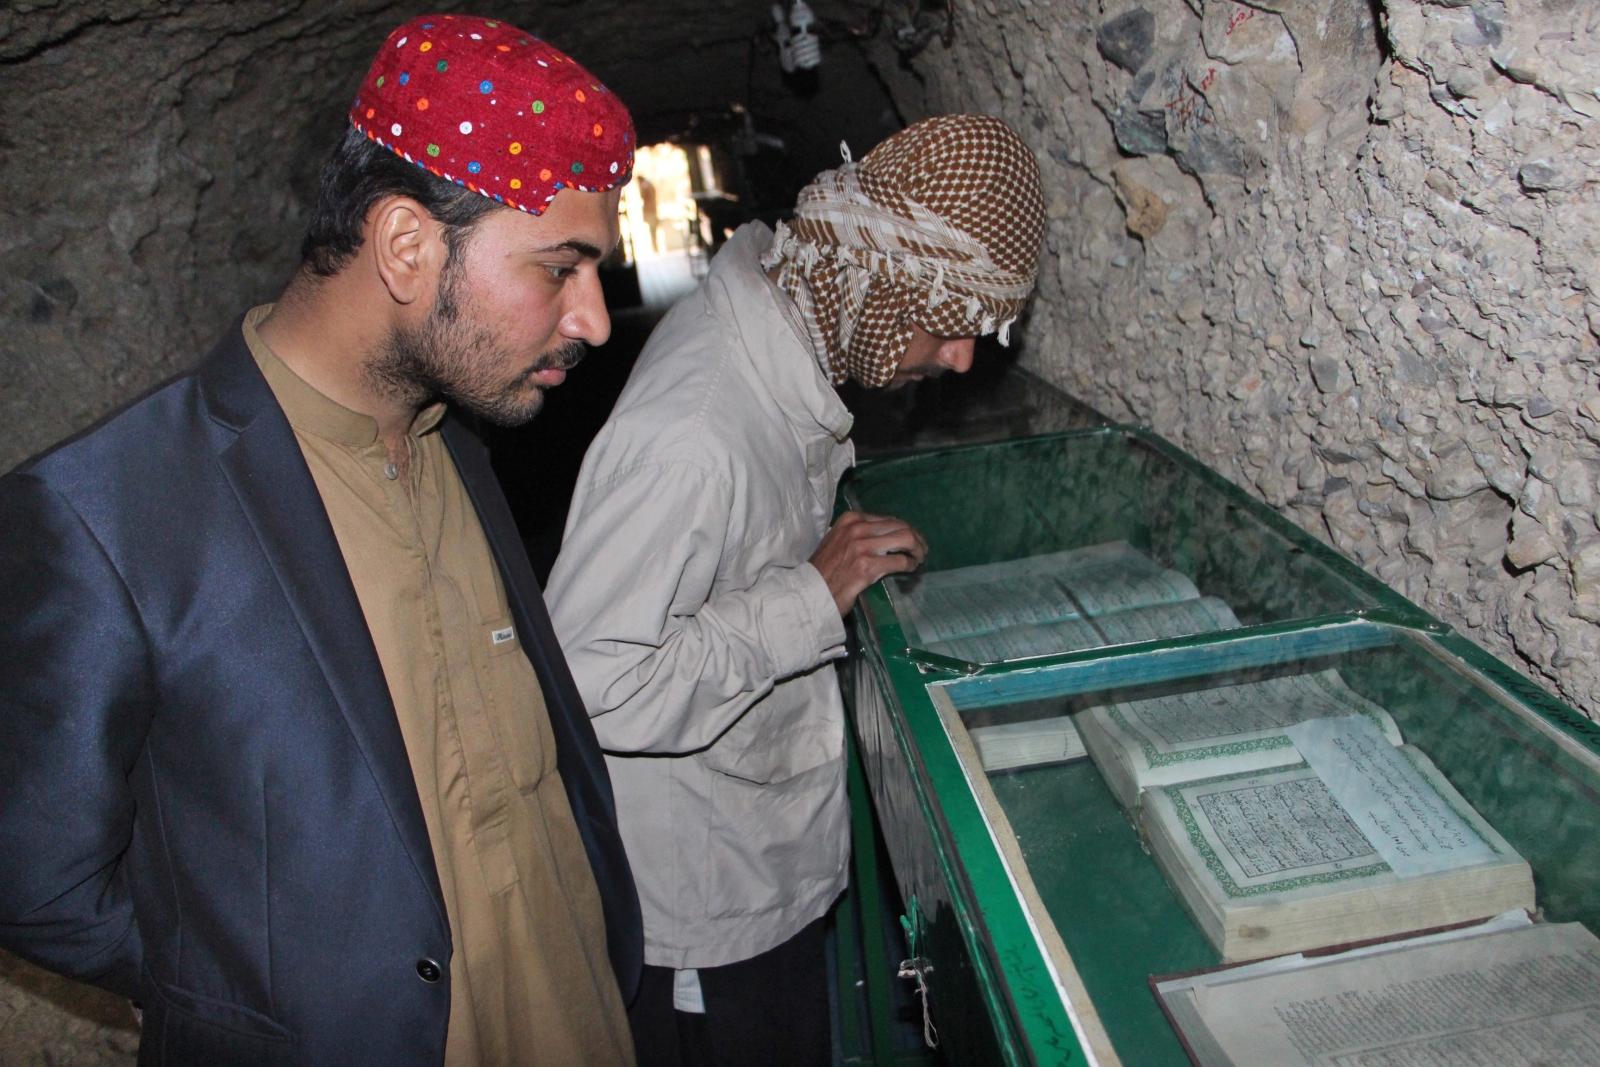 Fundacja Jabal-e-Noor zorganizowała wystawę historycznych kopii Koranu. Pomysłodawca przechowuje ok. 2,5 mln kopii Koranu, które nie są już używane. Zajmuje mu to 3,5 km tunelu, który musiał wykopać, ponieważ nigdzie się już nie mieściły. Fot. PAP/EPA/JAMAL TARAQAI